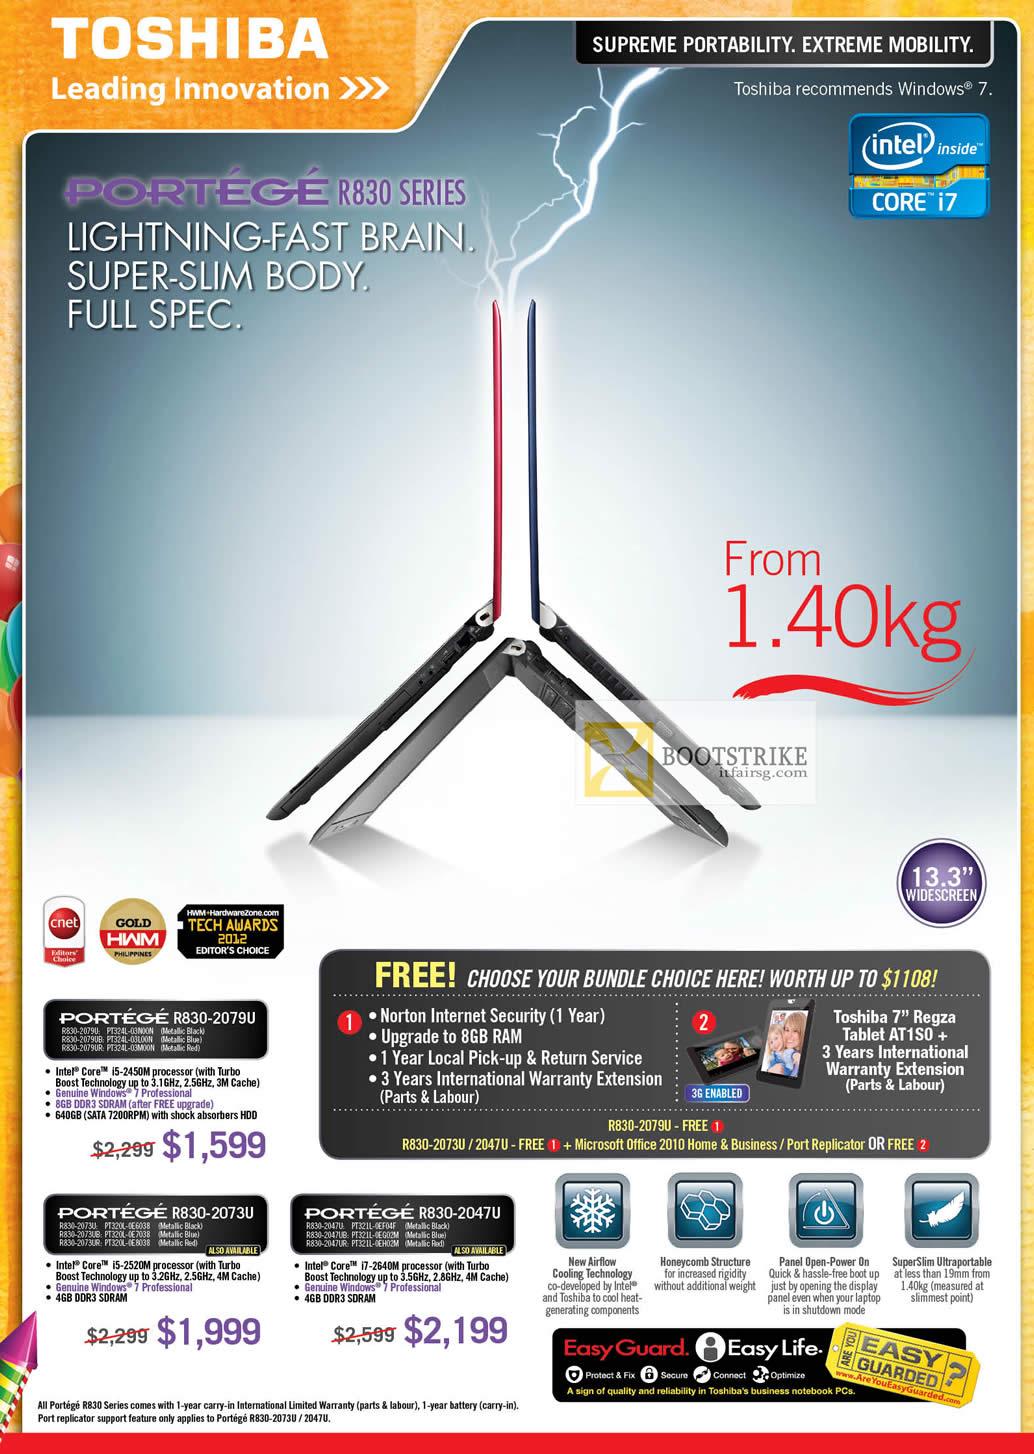 PC SHOW 2012 price list image brochure of Toshiba Notebooks Portege R830-2079U, R830-2073U, R830-2047U